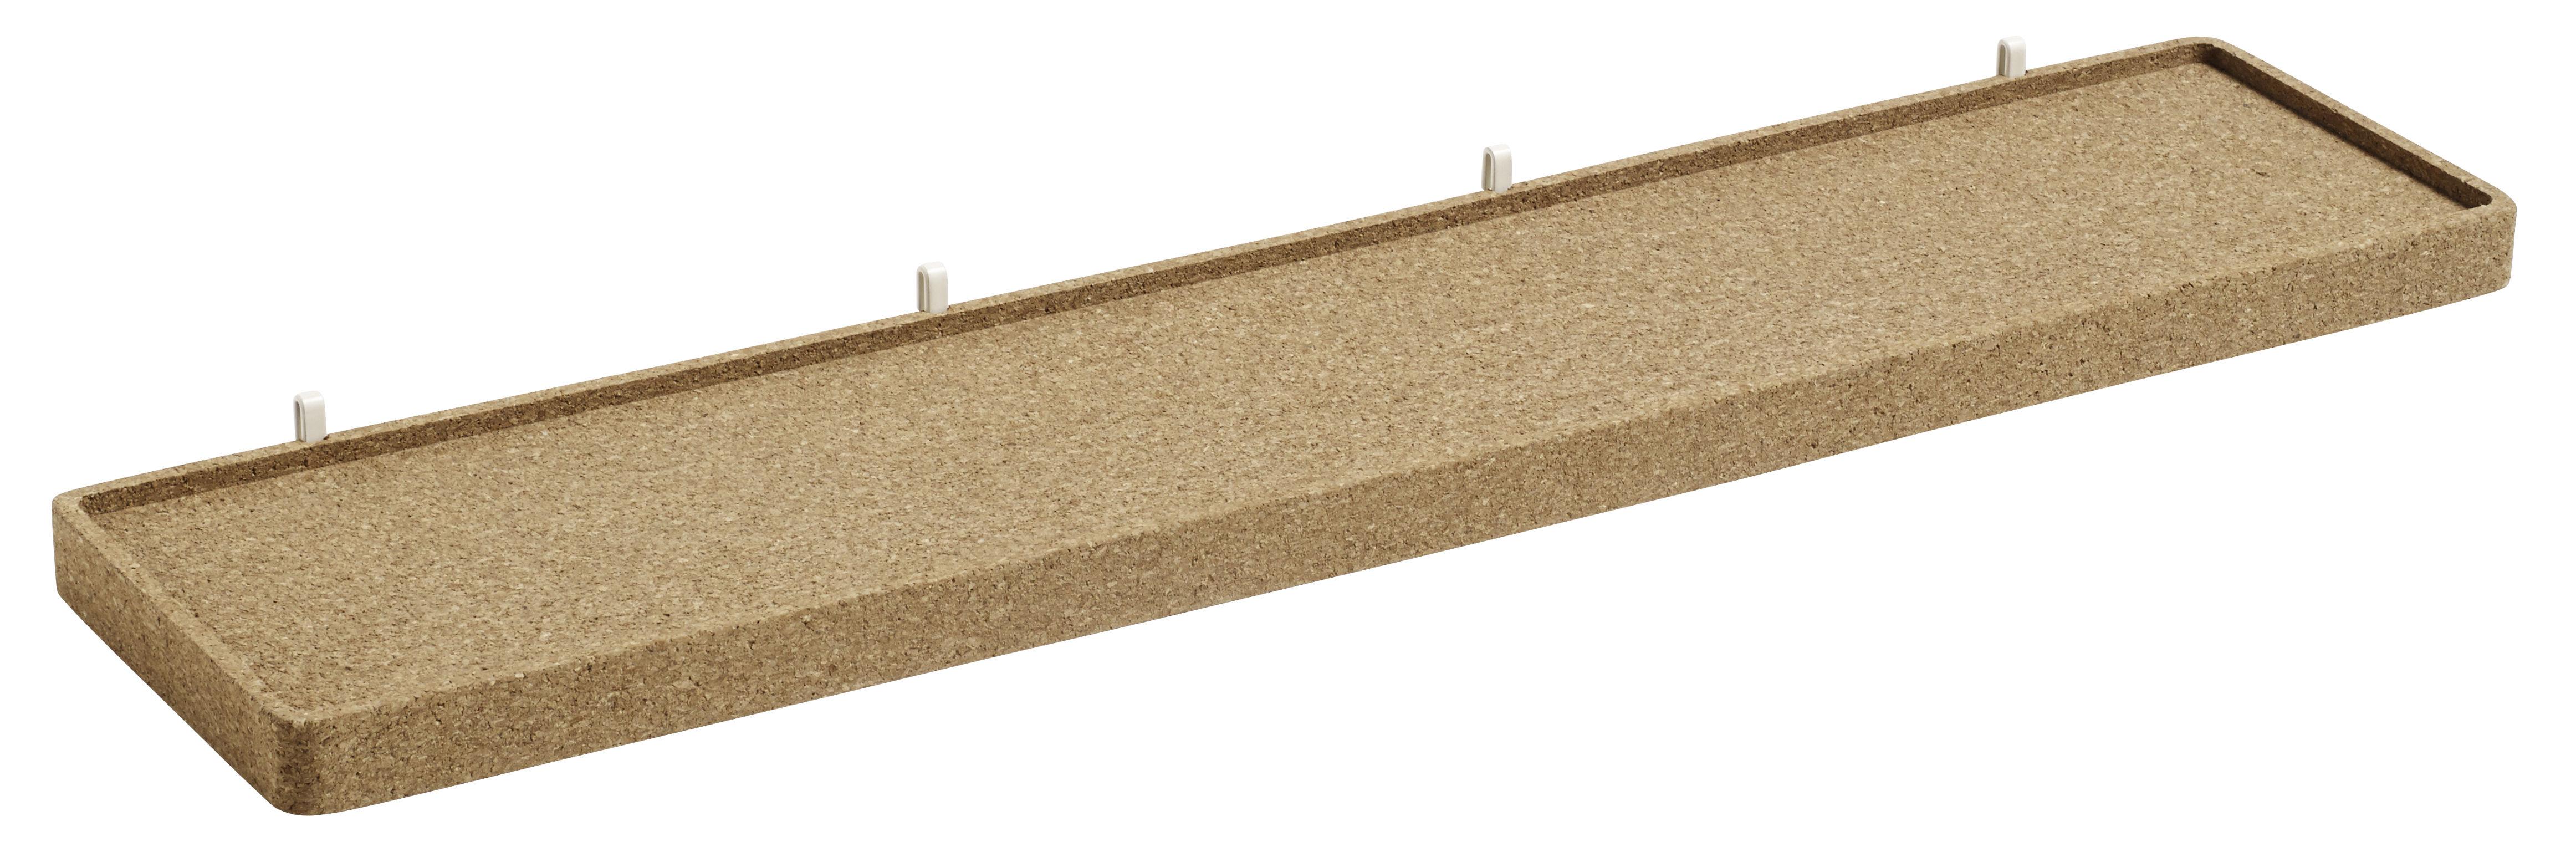 Interni - Contenitori e Cesti - Mensola Large Sughero / L 67 cm - Per pannello Pinorama - Hay - Sughero - Acciaio verniciato